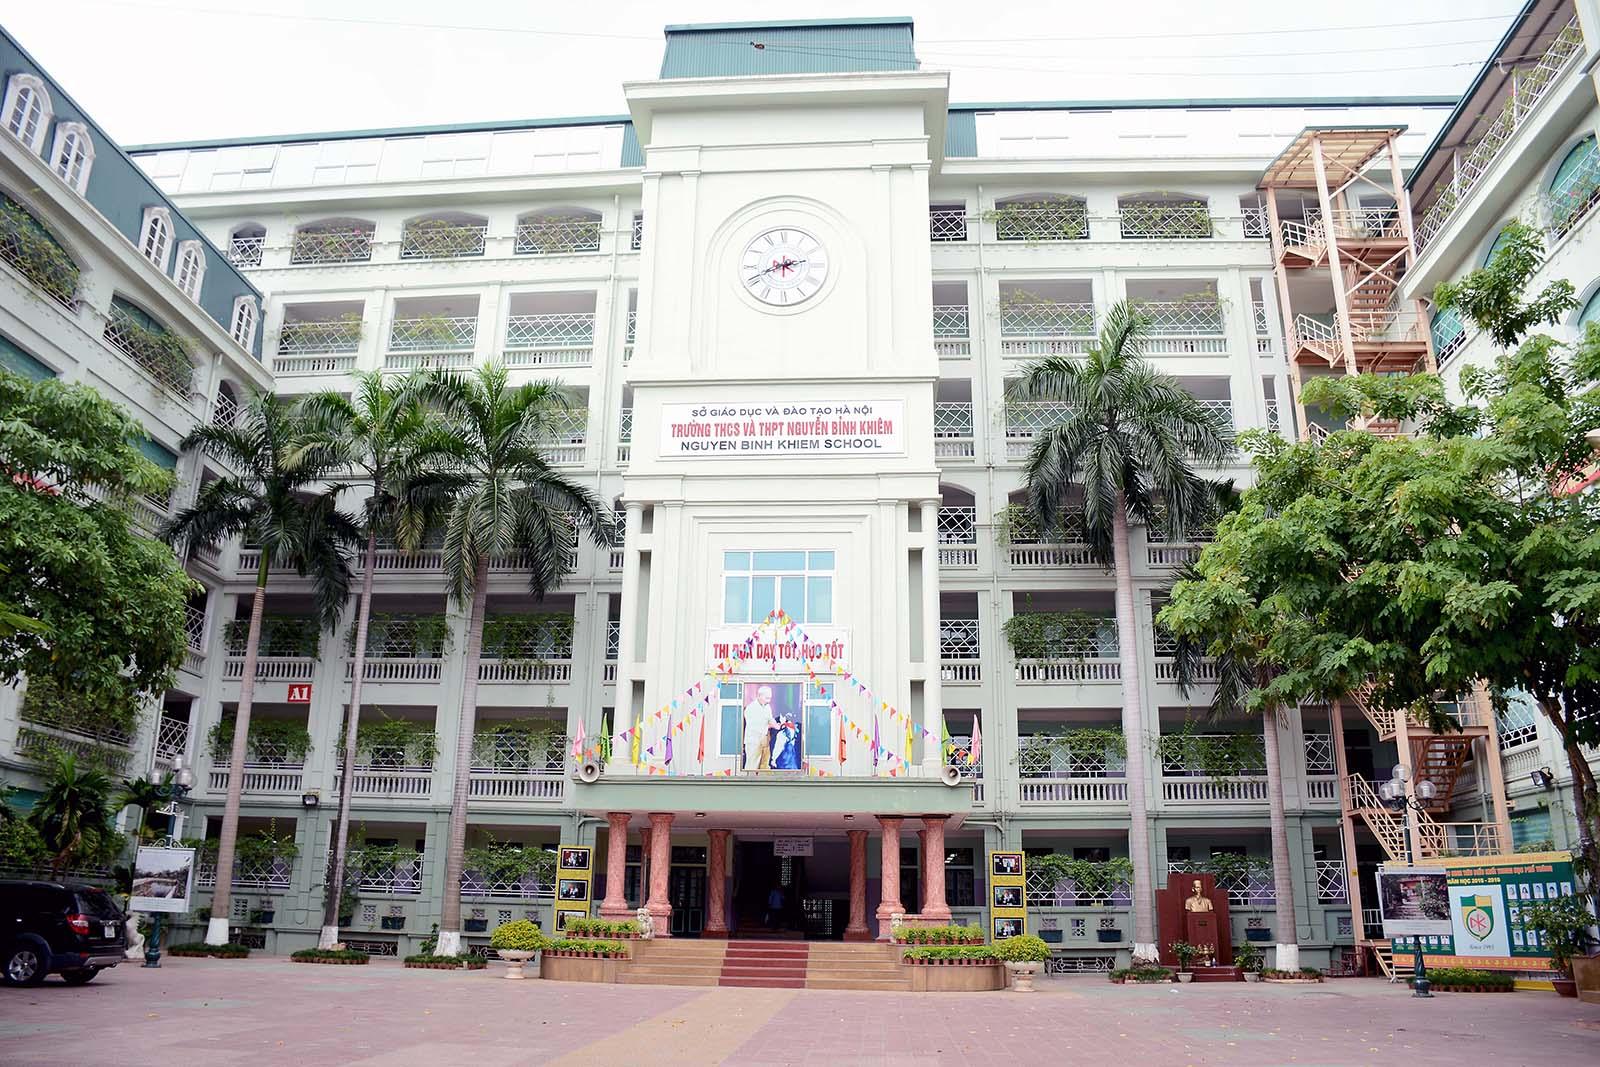 Trường THCS Nguyễn Bỉnh Khiêm Có Tốt Không? Học Phí Bao Nhiêu?